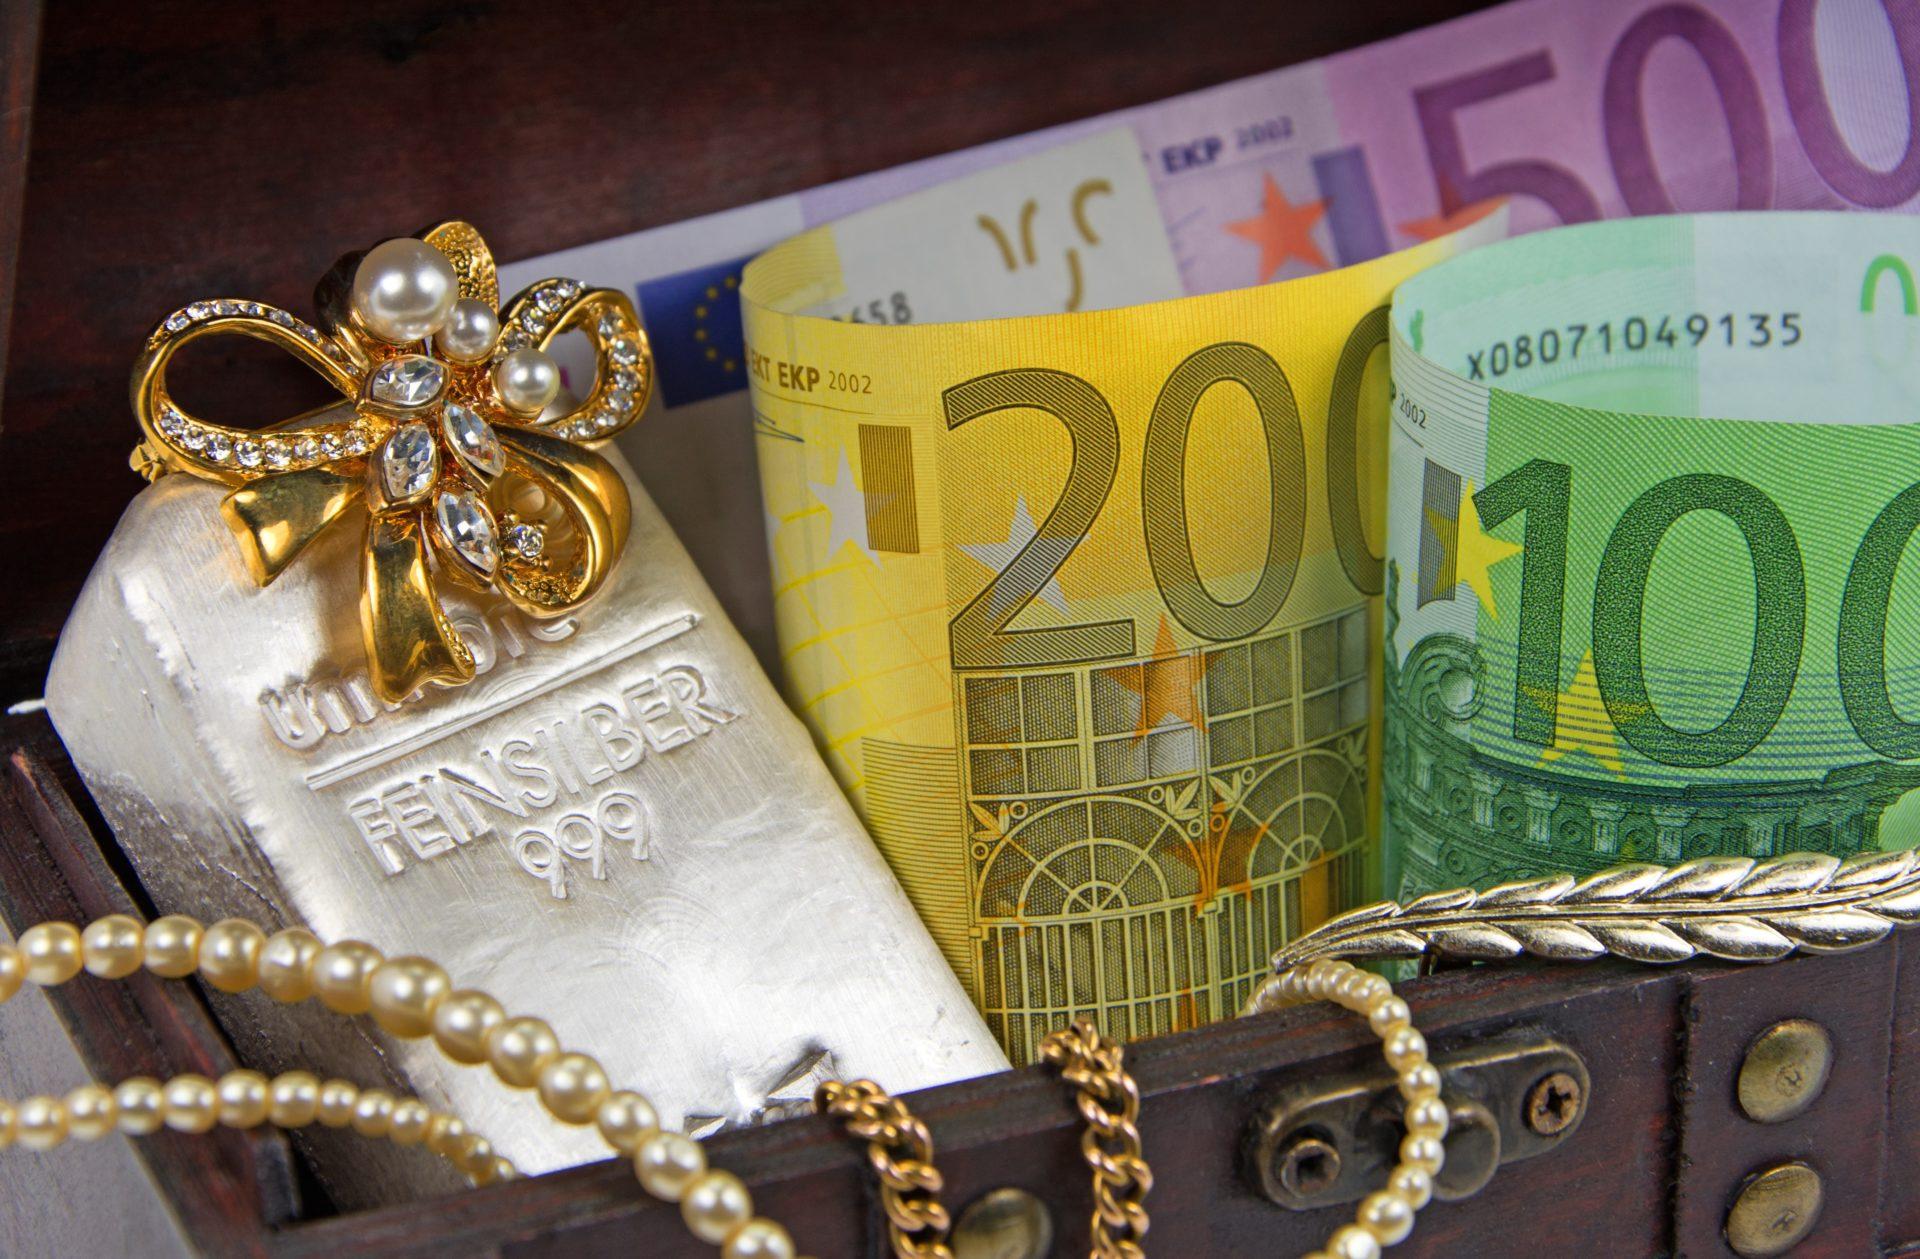 Schmuckankauf  – Für Privat- und Geschäftskunden_Gold_Schmuckankauf-–-Fuer-Privat-und-Geschaeftskunden_Schmuckankauf_Altgoldankauf_Zahngold-ankauf_Aurax-Edelmetallhandel-GmbH